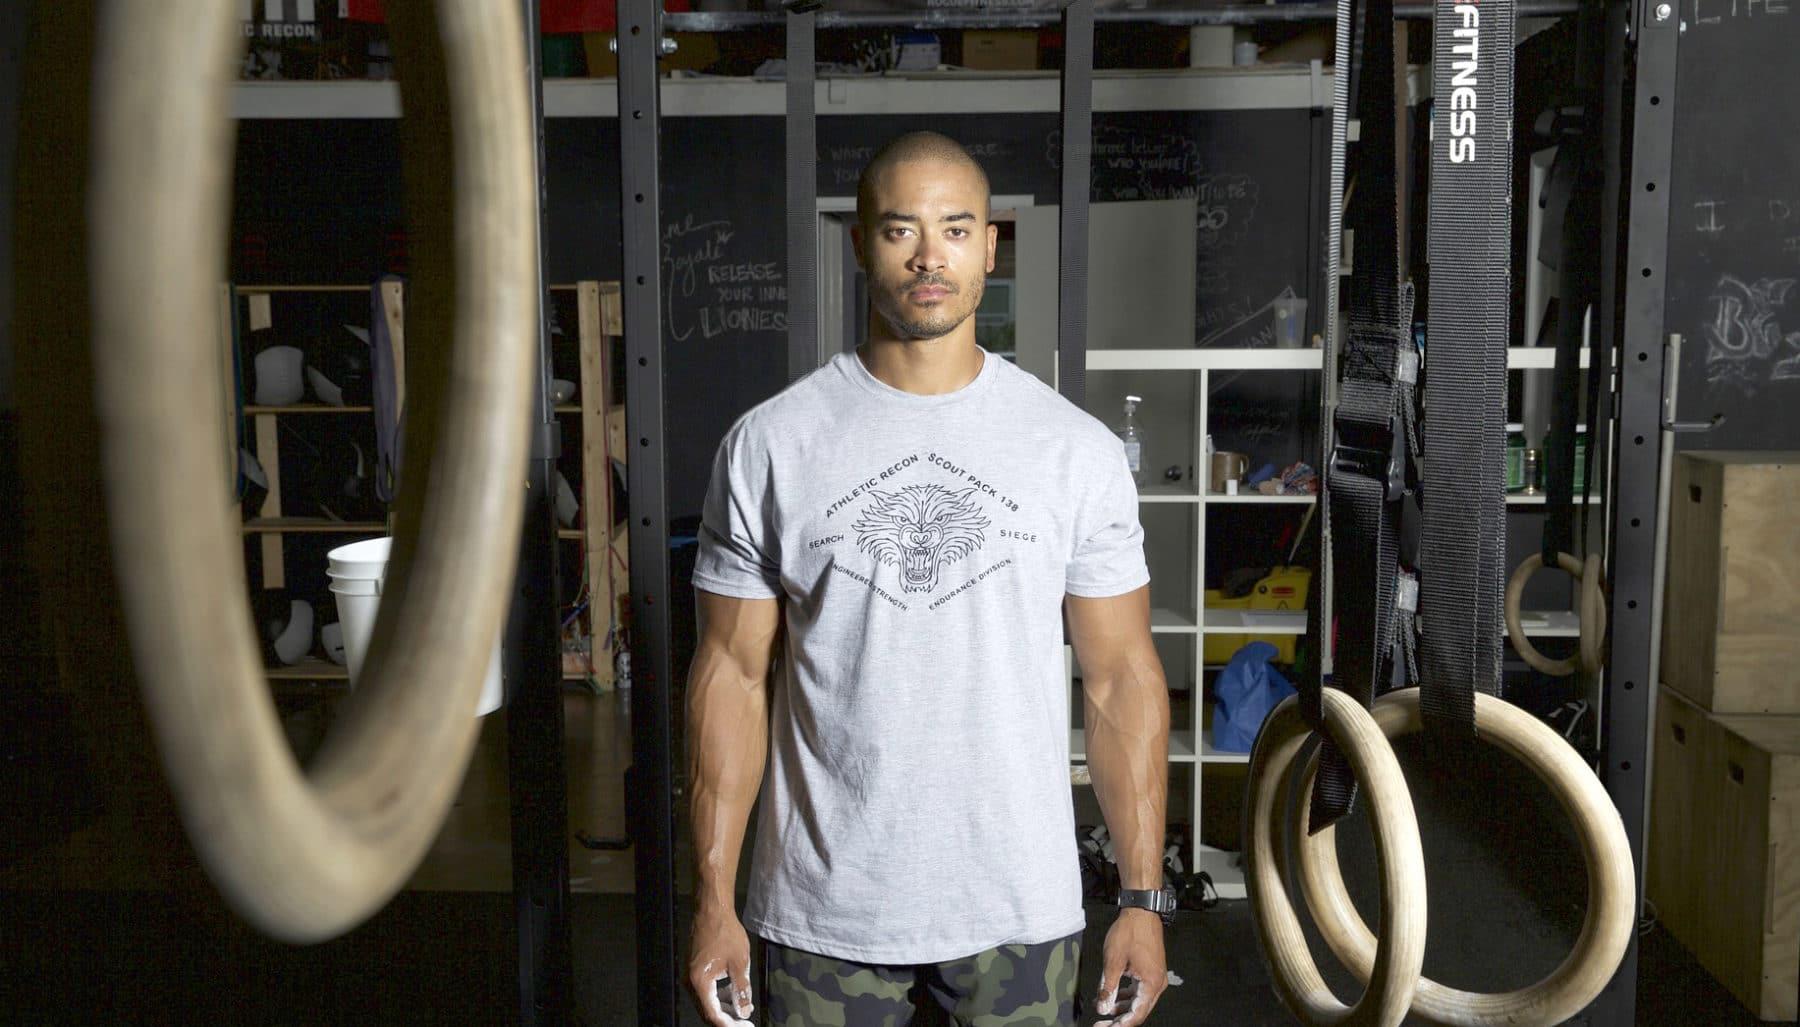 junger Mann im eigenen Fitnessraum und vor Turnringen